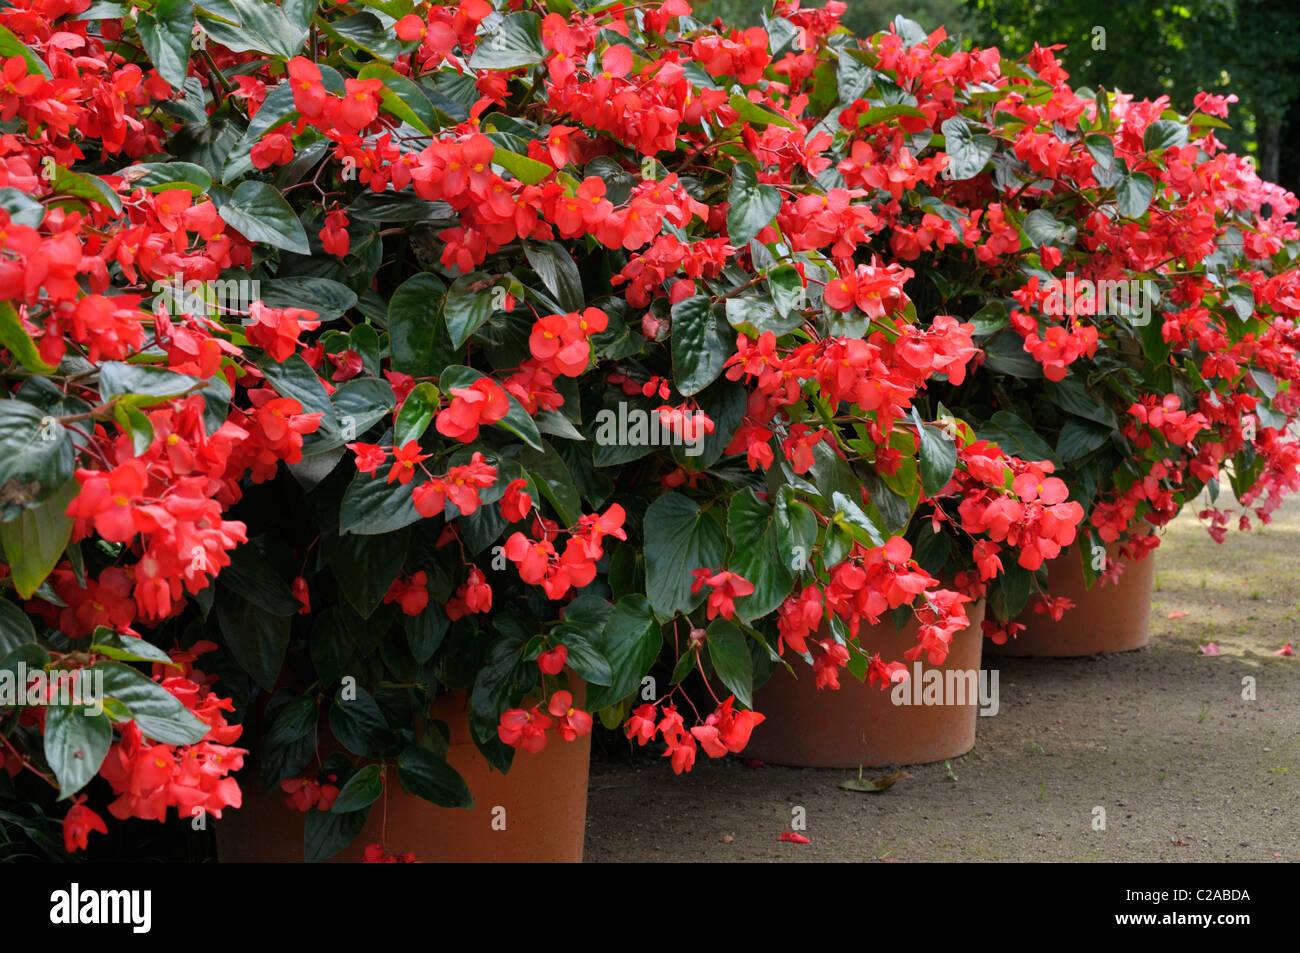 Begonias Begonia Flower Tub Stock Photos & Begonias Begonia Flower ...